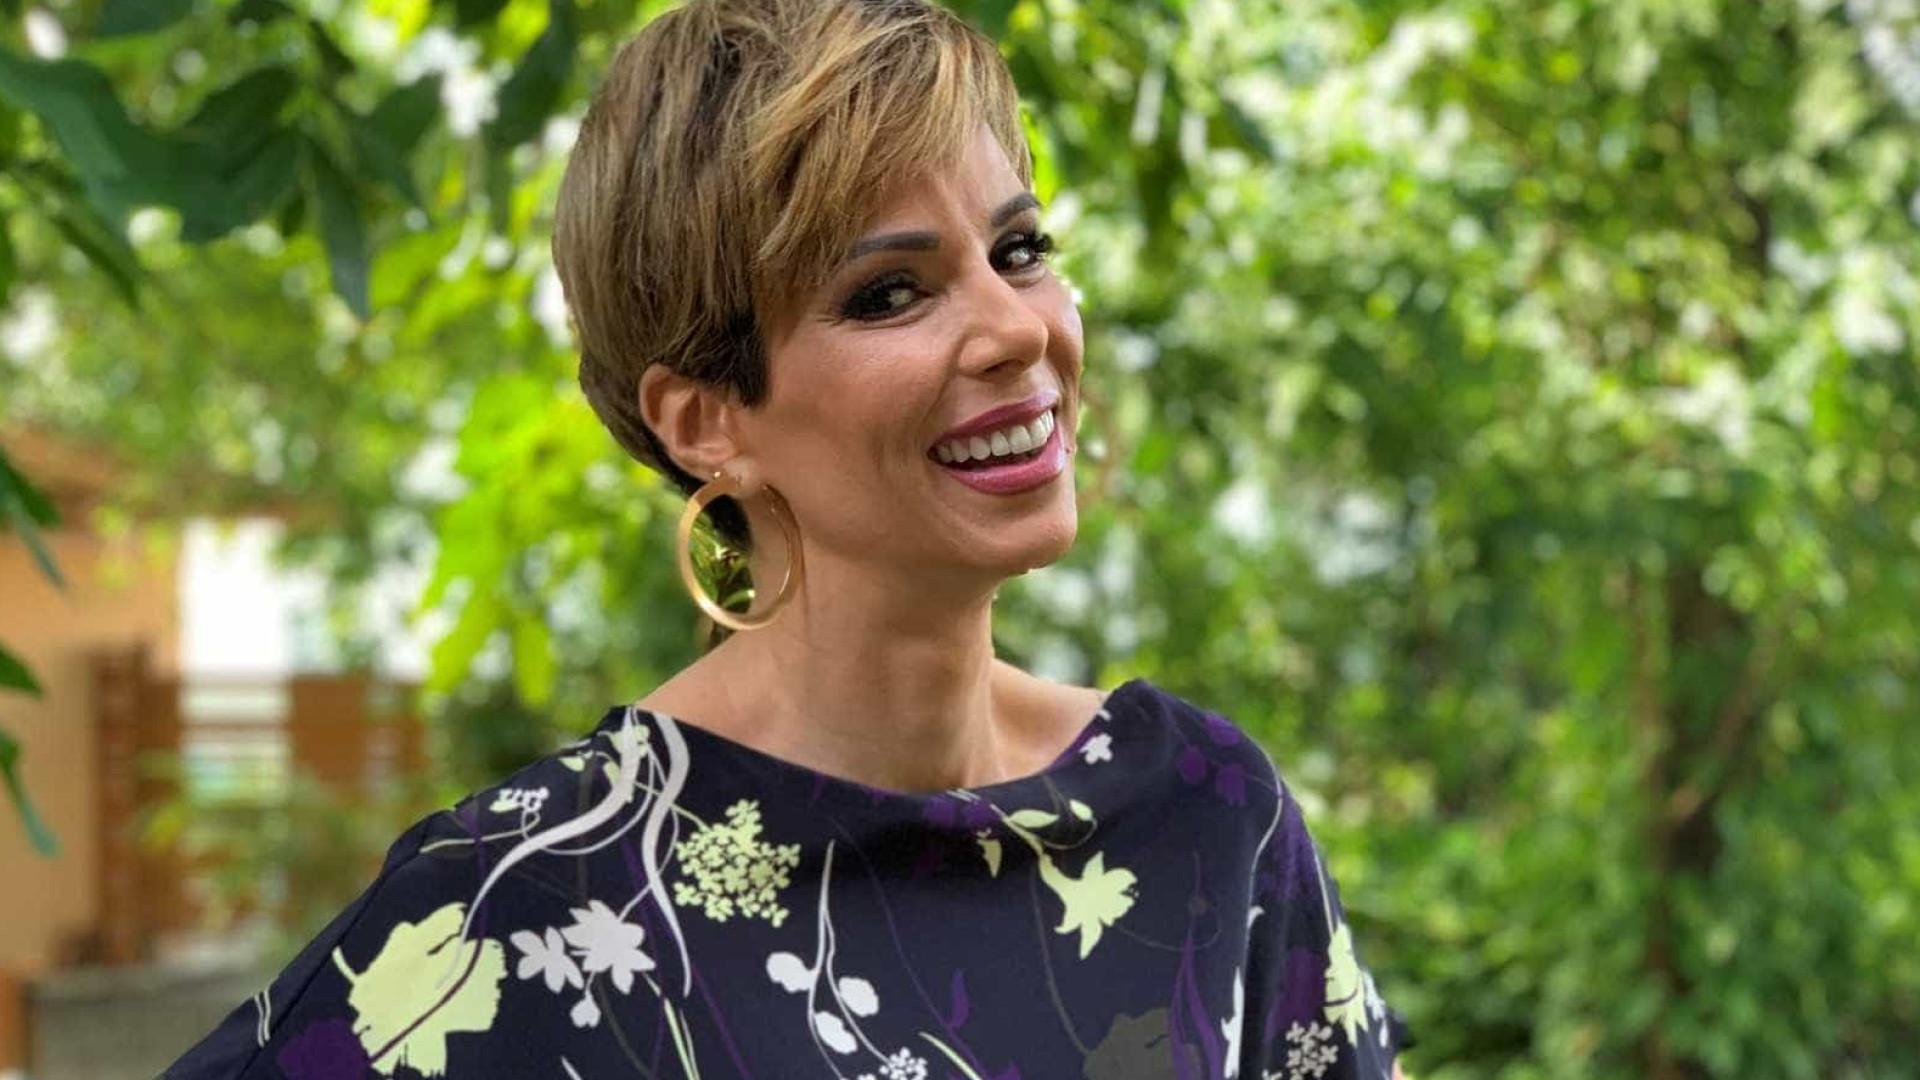 Ana Furtado diz que ter fé a ajudou a enfrentar desafios